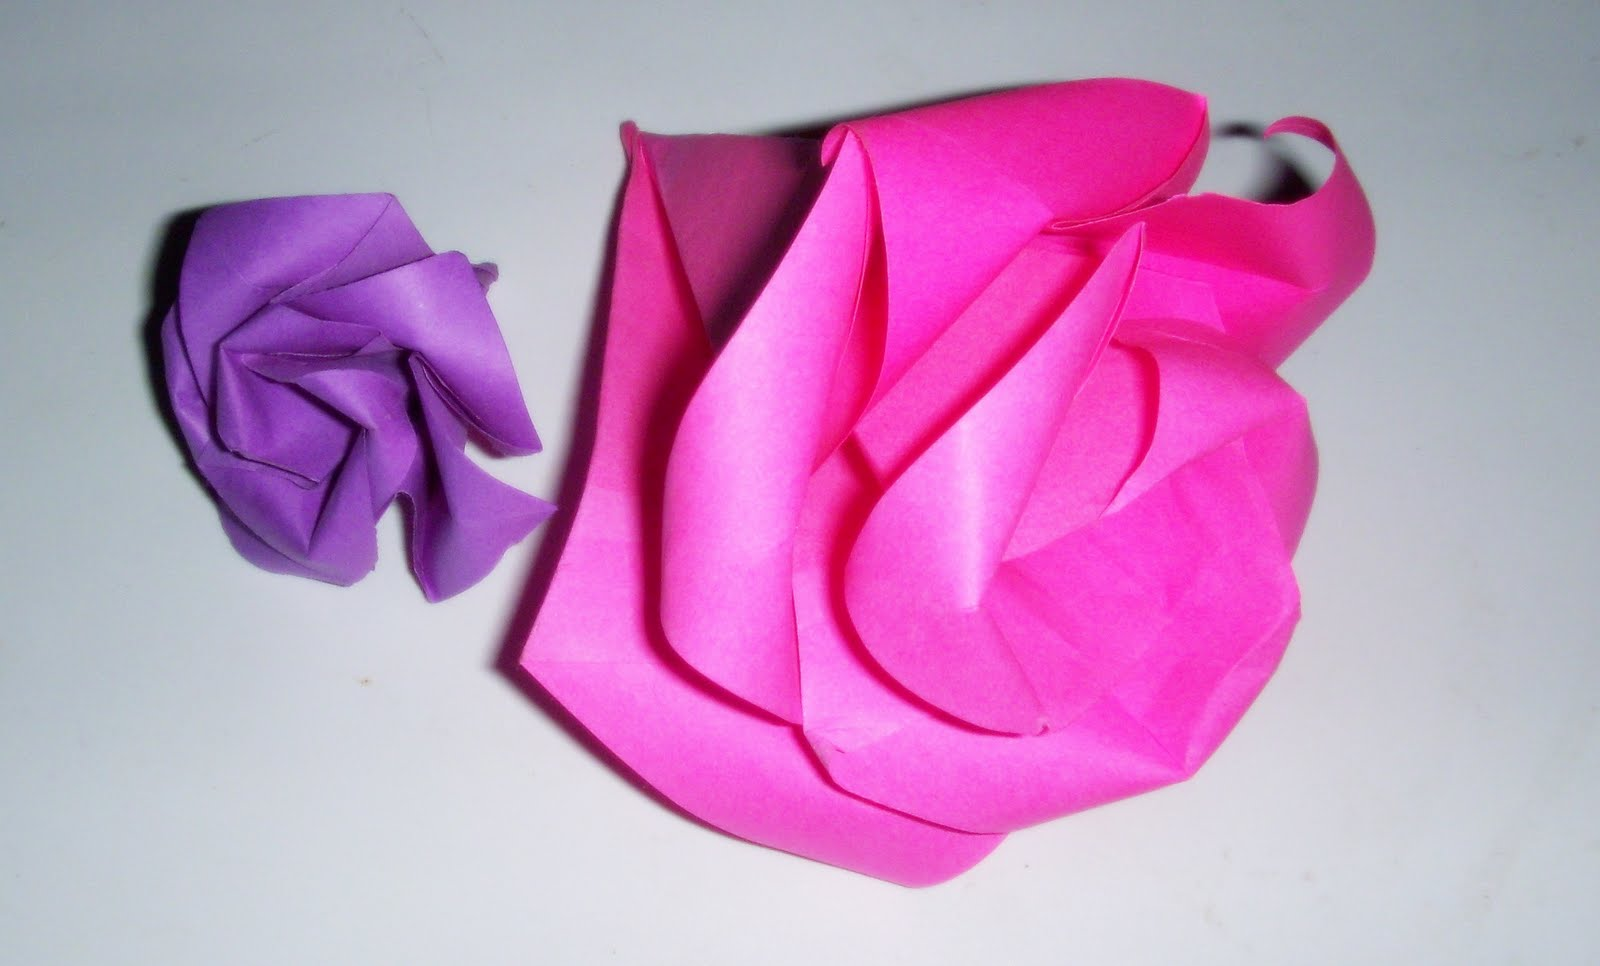 Origami: Origami rose - 1 - photo#46